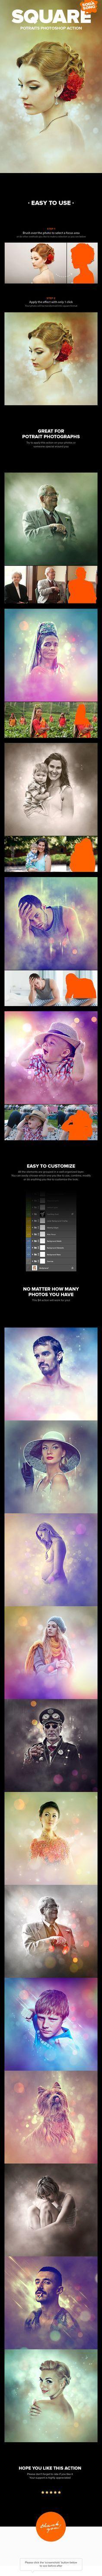 Square Potraits Photoshop Action #photoeffect Download: http://graphicriver.net/item/square-potraits-photoshop-action/11458502?ref=ksioks